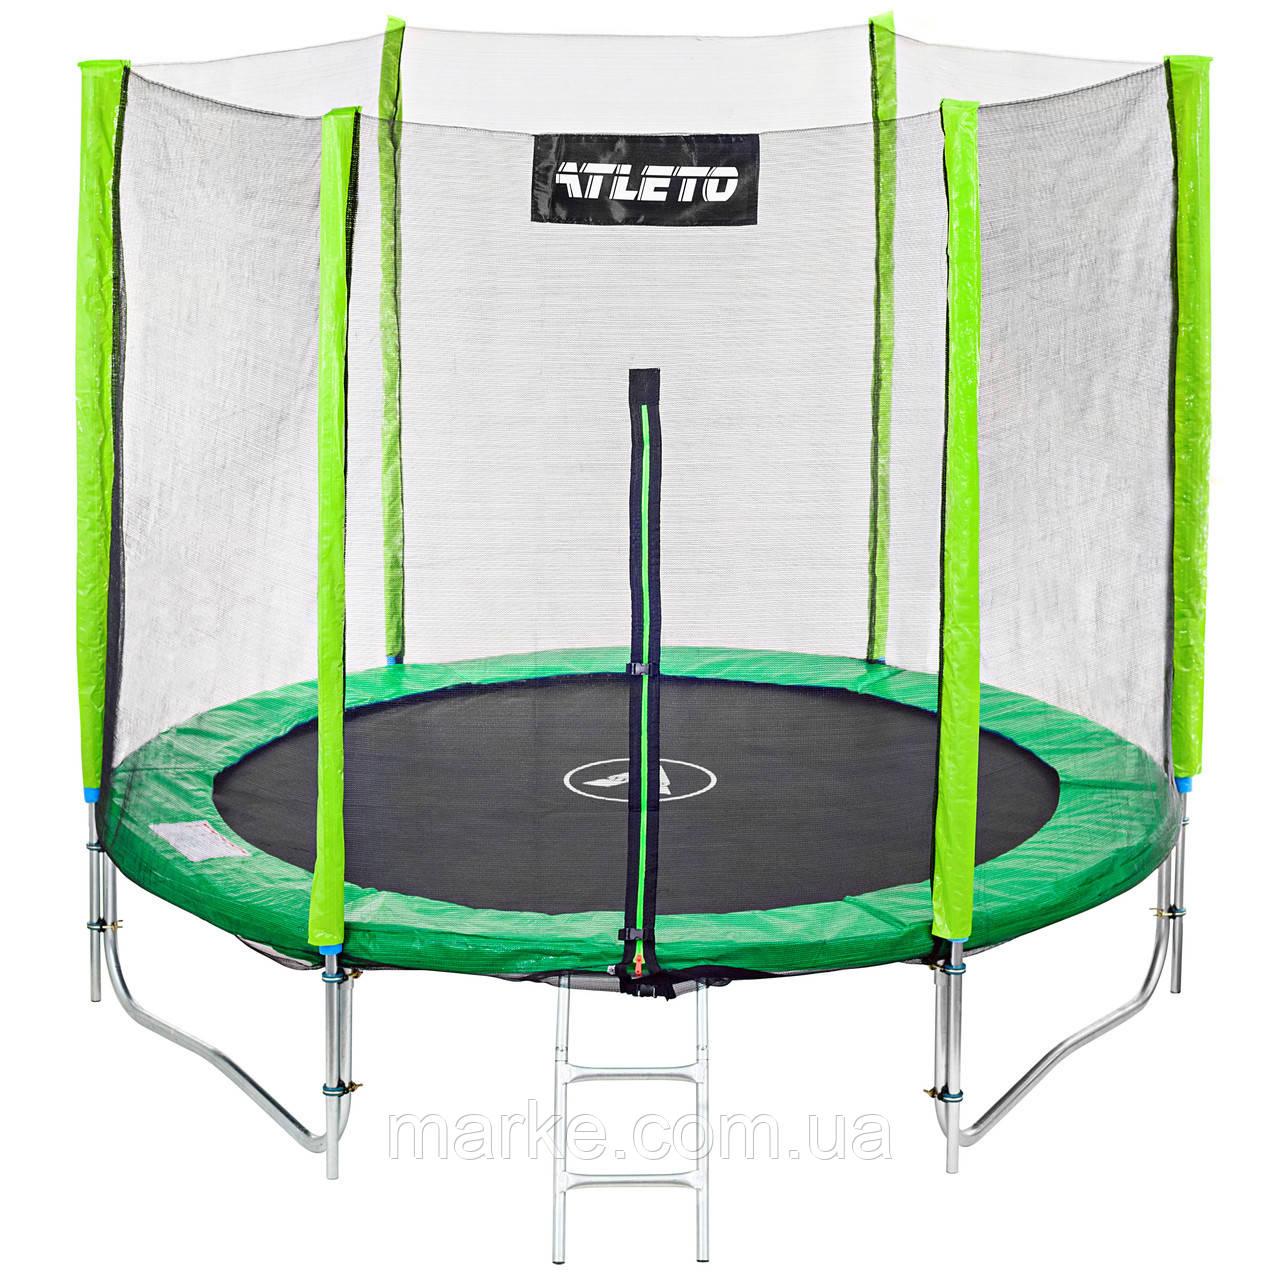 Батут Атлето зелений Atleto 312см 10ft діаметр із зовнішньою сіткою і сходами ПОДВІЙНІ НІЖКИ